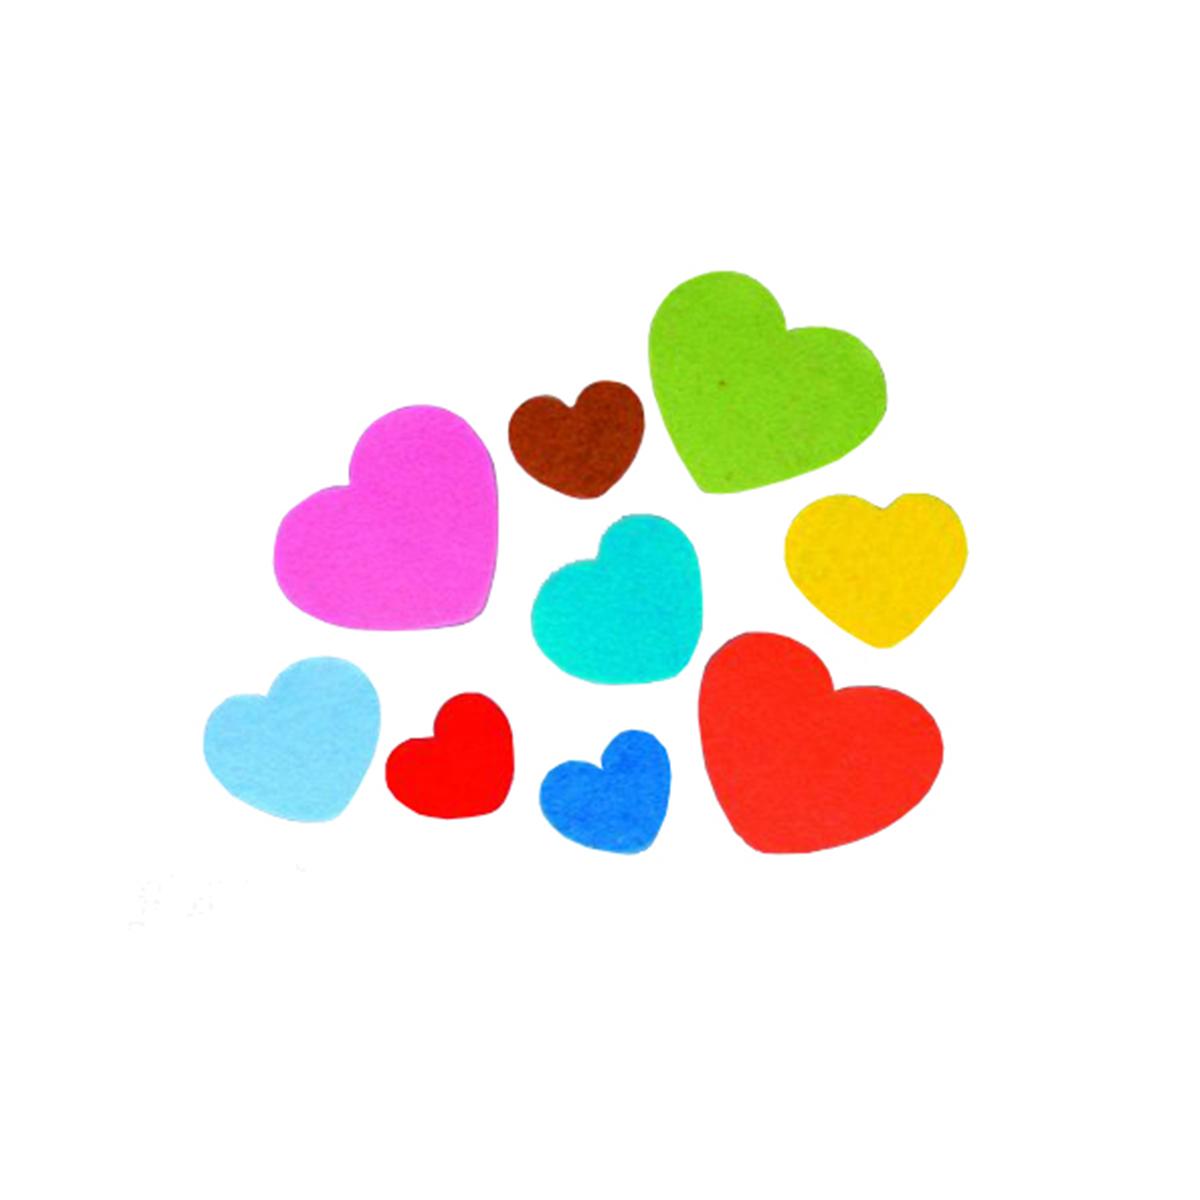 Фетр для творчества Glorex Сердце, 80 штNLED-454-9W-BKФетр для творчества Glorex Сердце изготовлен из 100% полиэстера. Фетр является отличным материалом для декора и флористики. Используется для изготовления открыток ручной работы и скрап-страничек, для созданиябижутерии и многого другого.